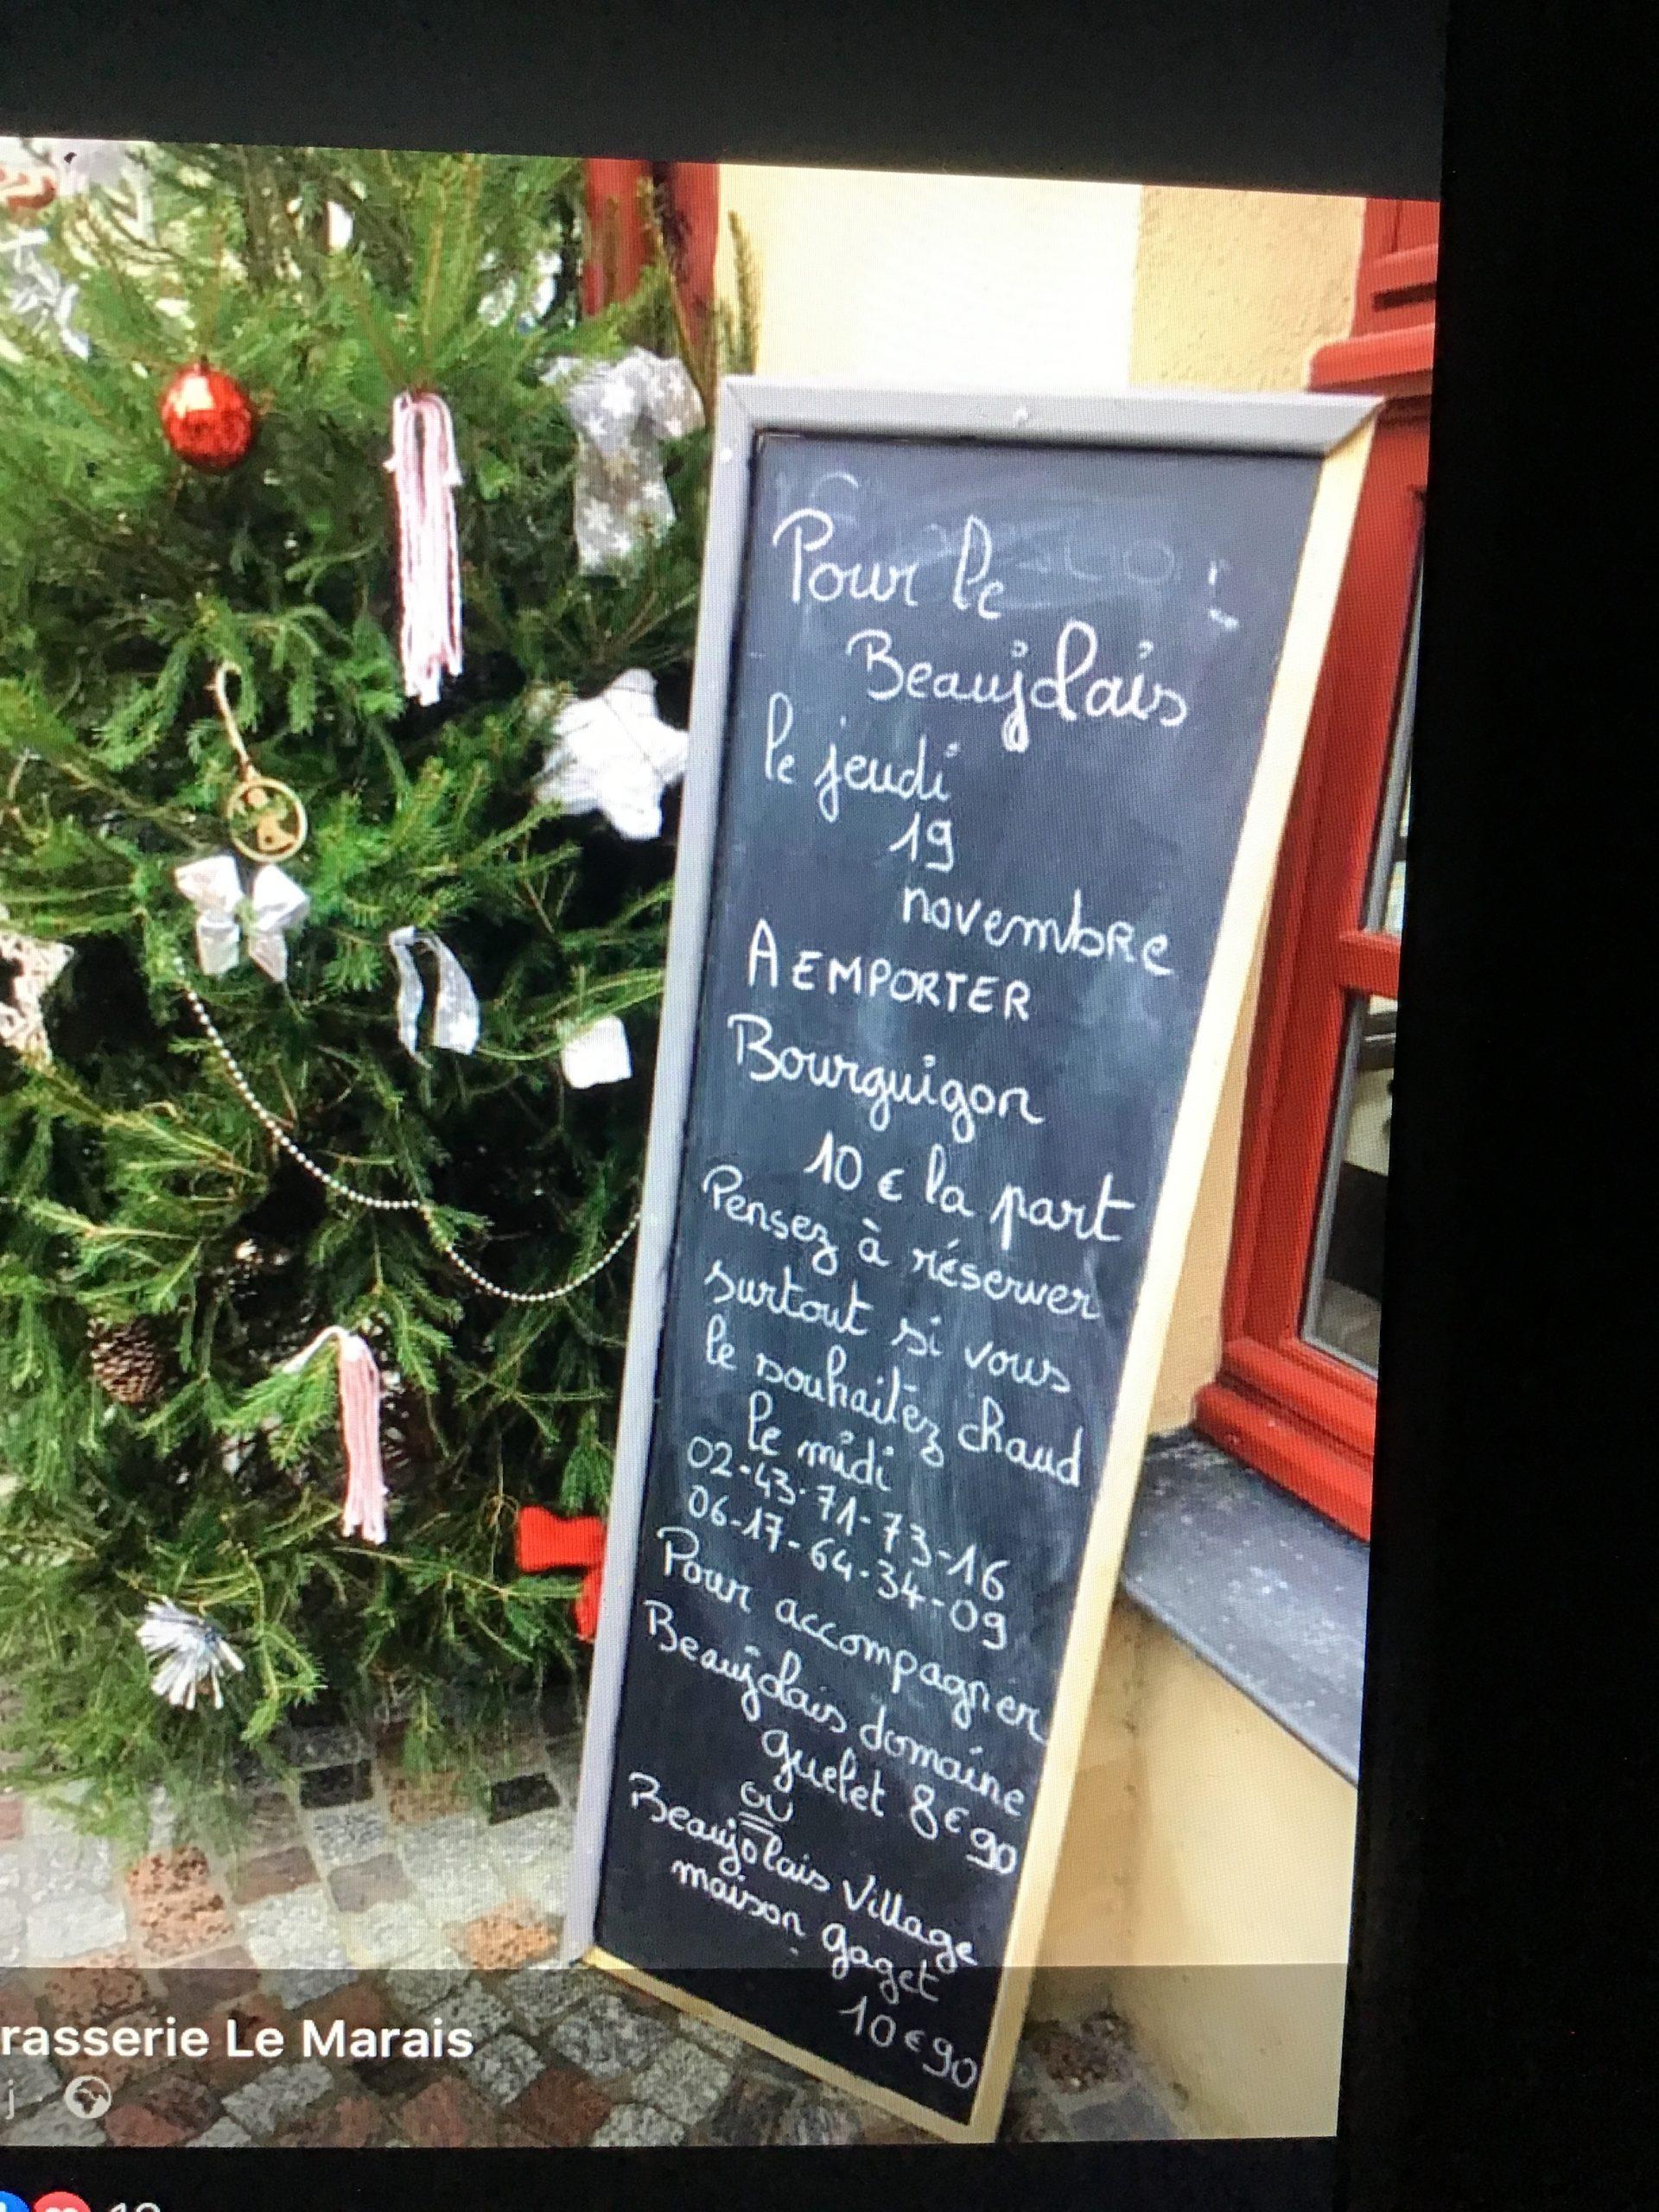 Beaujolais nouveau à la Brasserie le Marais